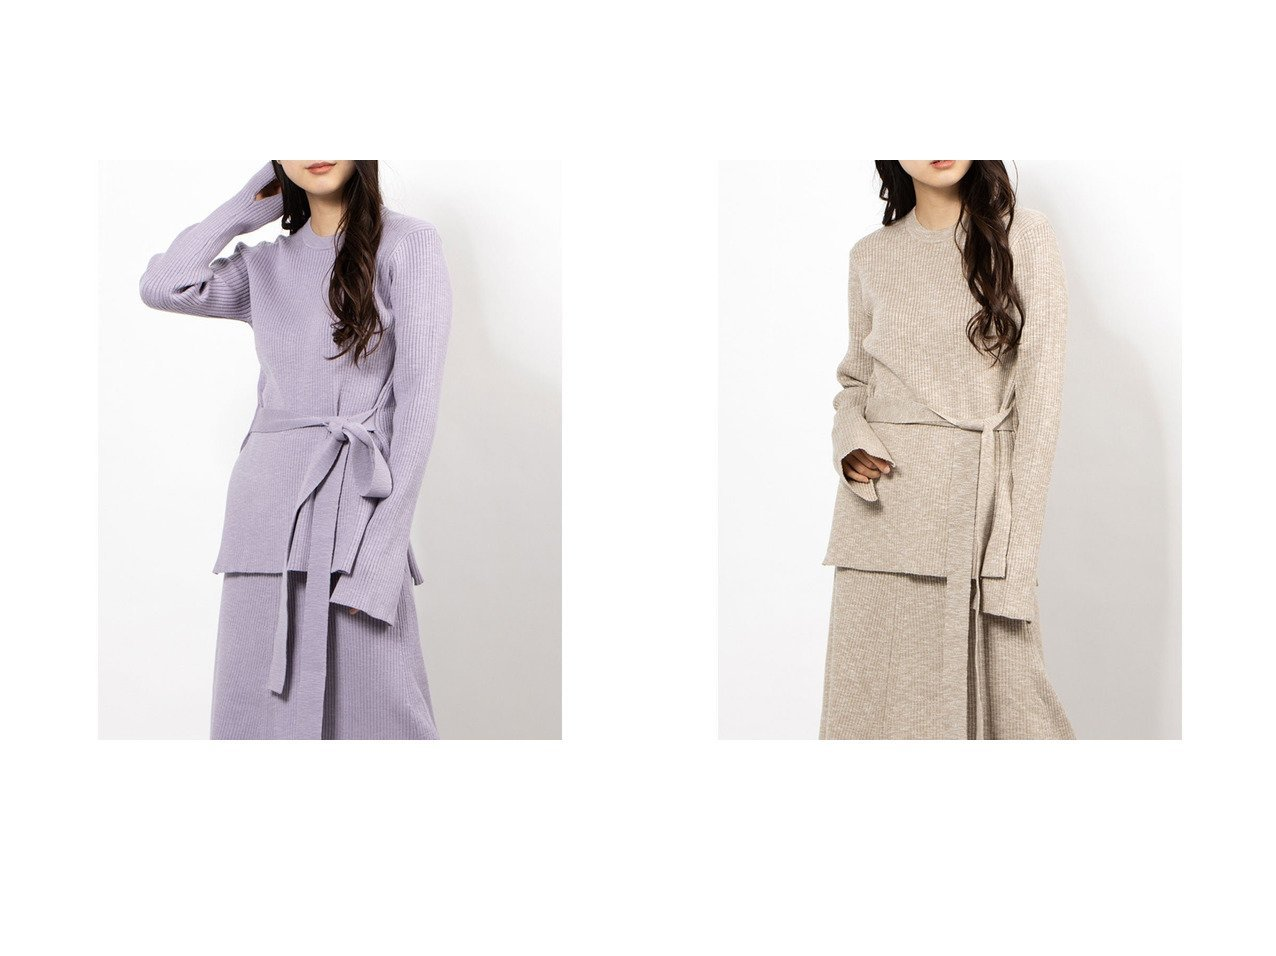 【Mila Owen/ミラオーウェン】のリボン付クルーネックリブニット トップス・カットソーのおすすめ!人気、トレンド・レディースファッションの通販 おすすめで人気の流行・トレンド、ファッションの通販商品 メンズファッション・キッズファッション・インテリア・家具・レディースファッション・服の通販 founy(ファニー) https://founy.com/ ファッション Fashion レディースファッション WOMEN トップス Tops Tshirt ニット Knit Tops スマート リブニット リボン  ID:crp329100000009282